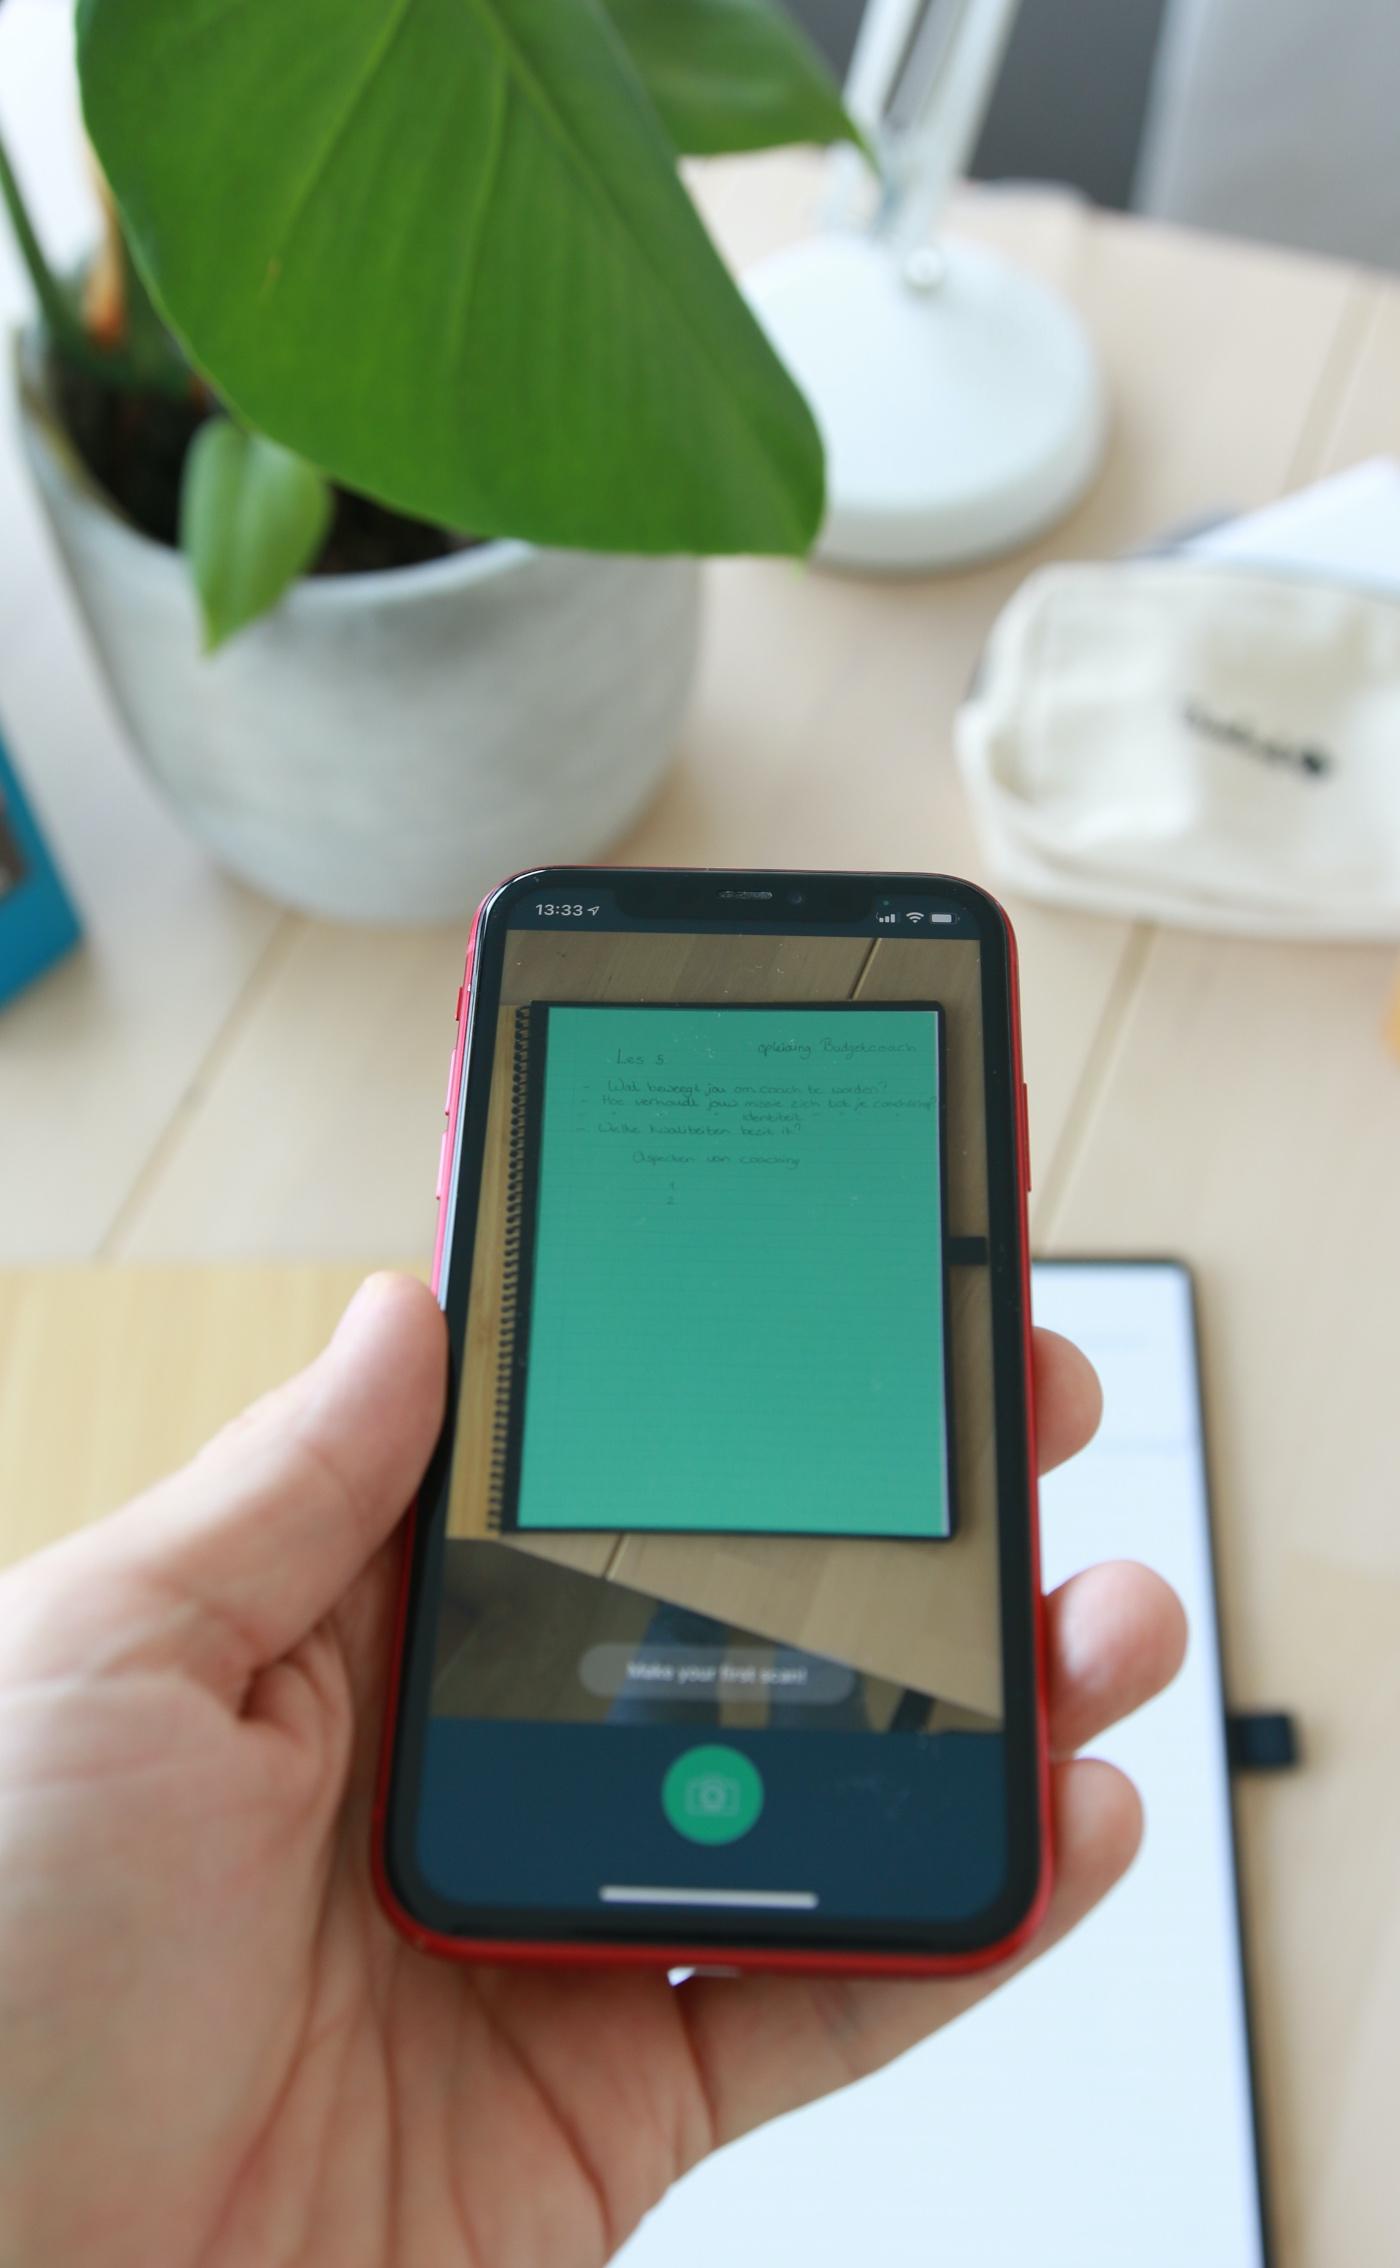 Met de Bambook app kun je makkelijk pagina's scannen (zoals huiswerkopdrachten of boodschappenlijstjes).